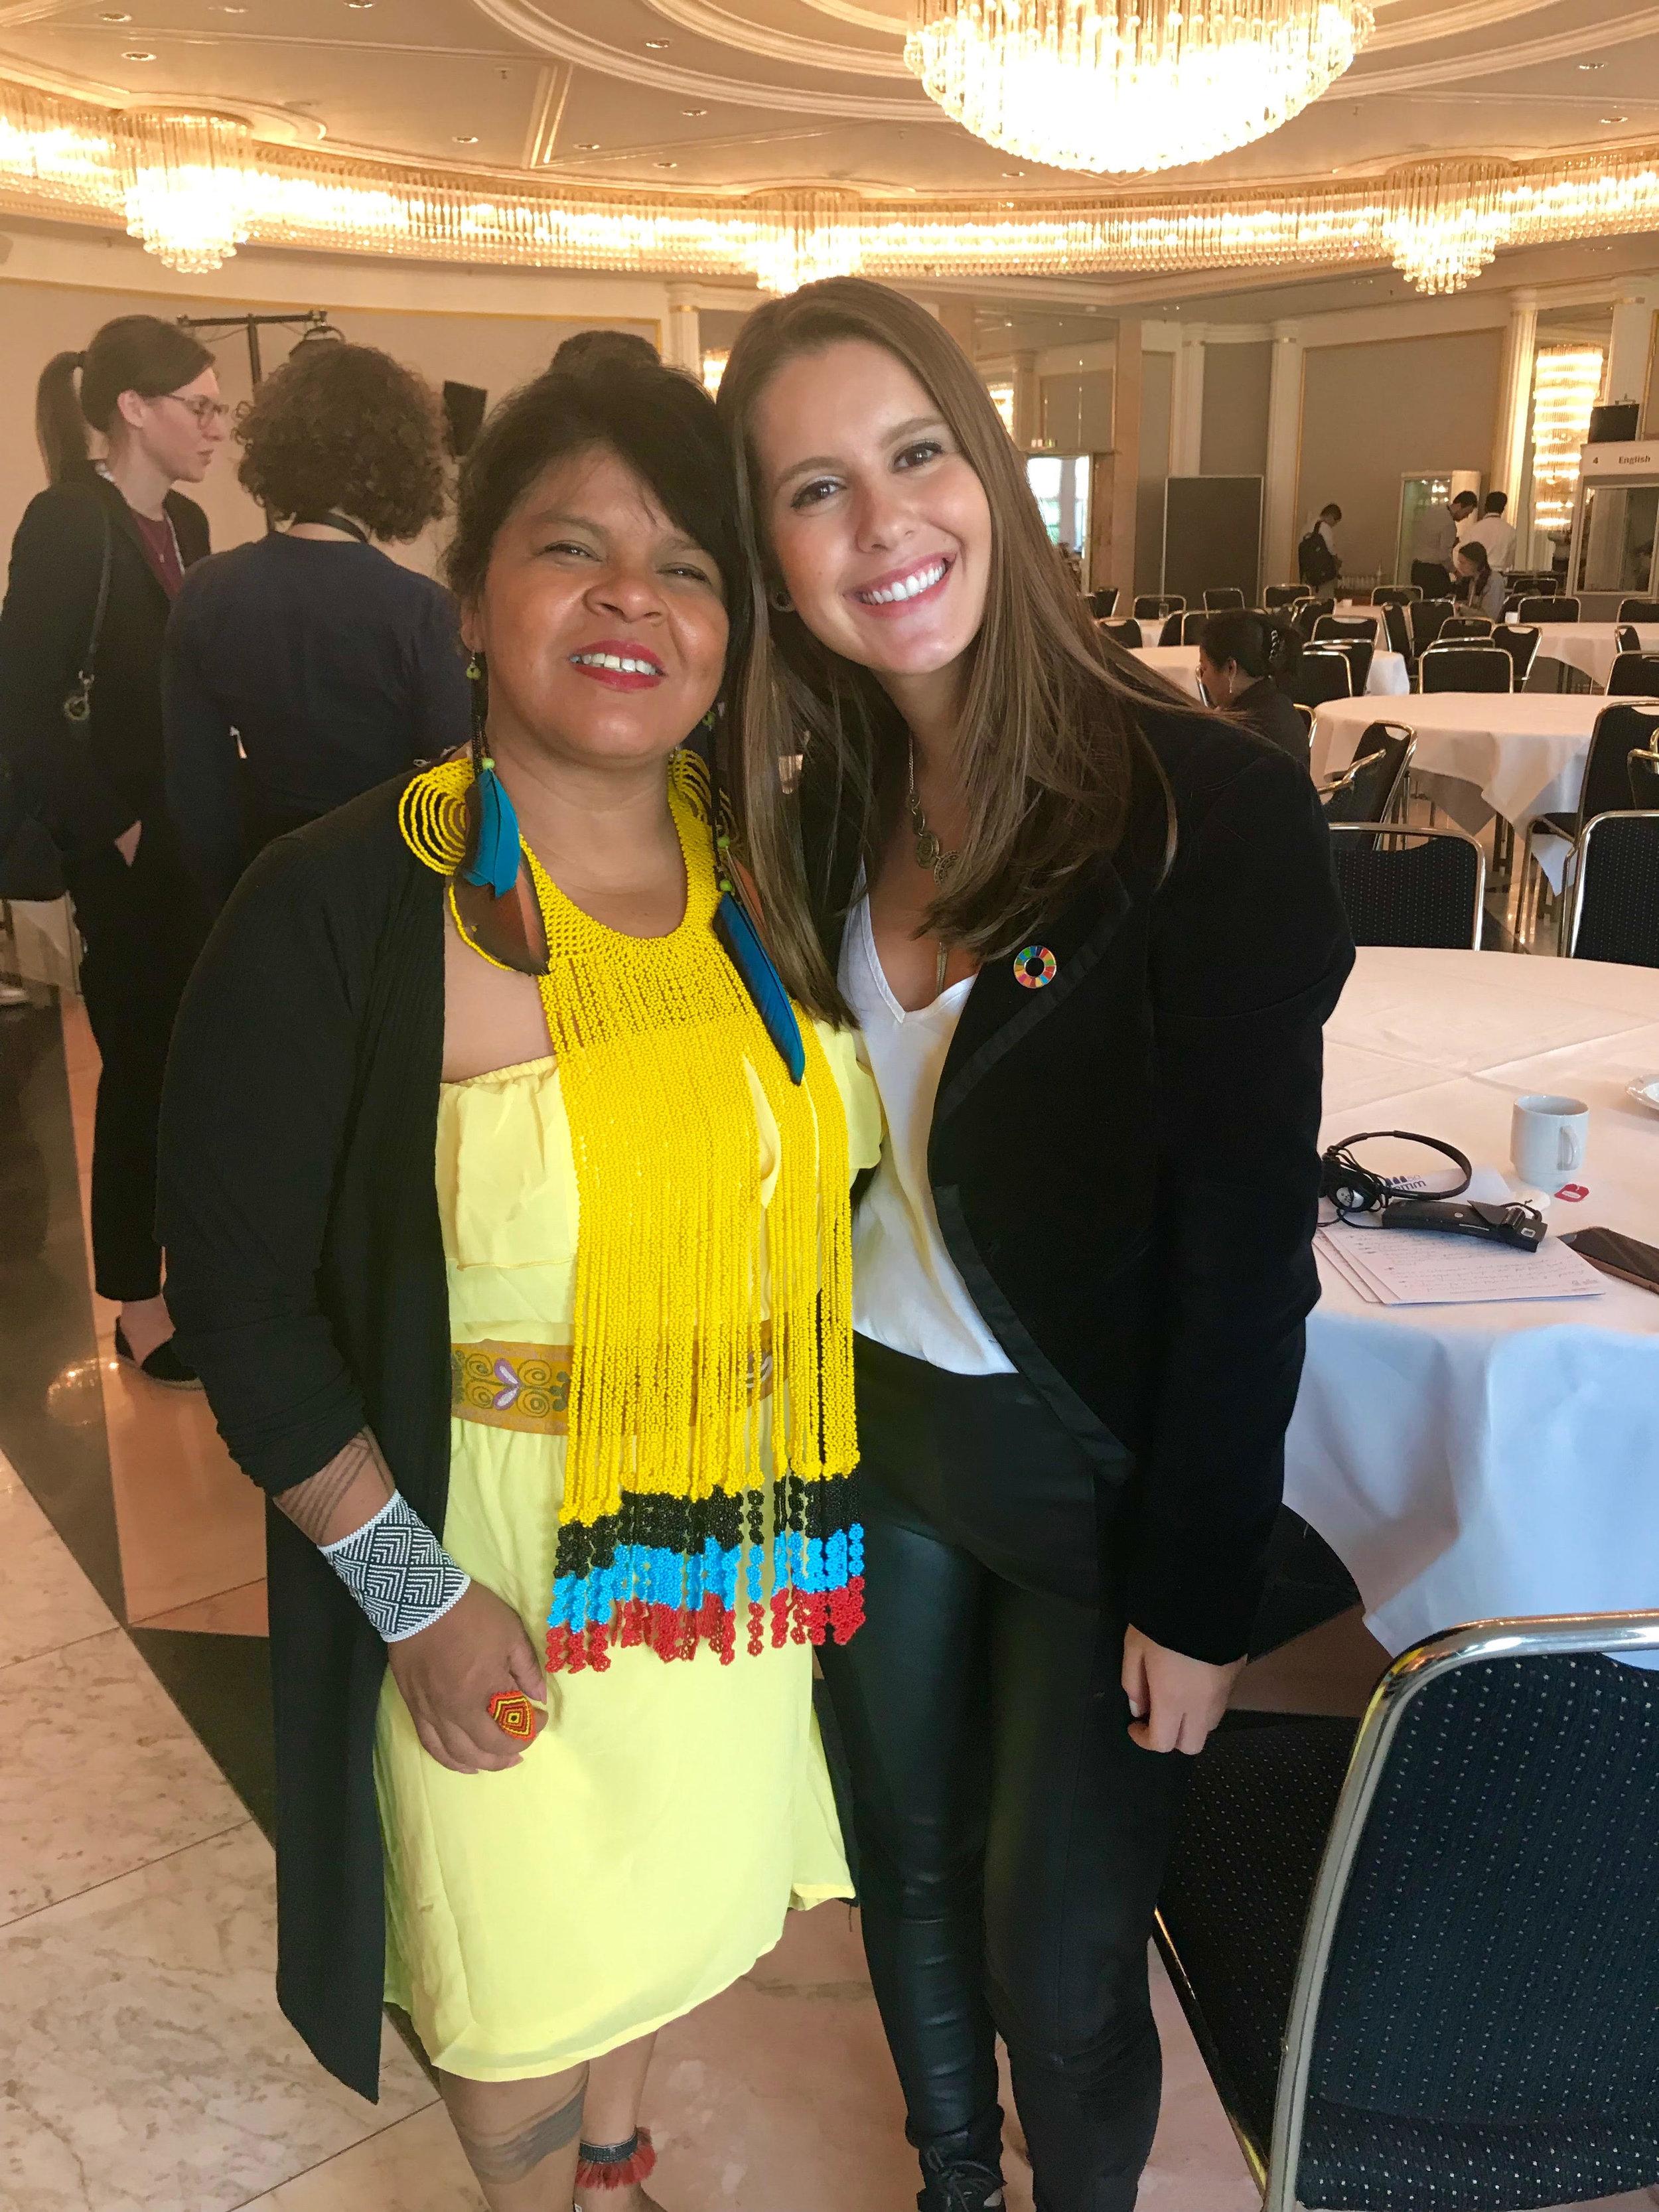 Renata Koch Alvarenga, Diretora do EmpoderaClima, conversou com Sônia Guajajara no GLF Bonn 2019 sobre direitos indígenas e feminismo, e falou com ela sobre nossa nova plataforma!